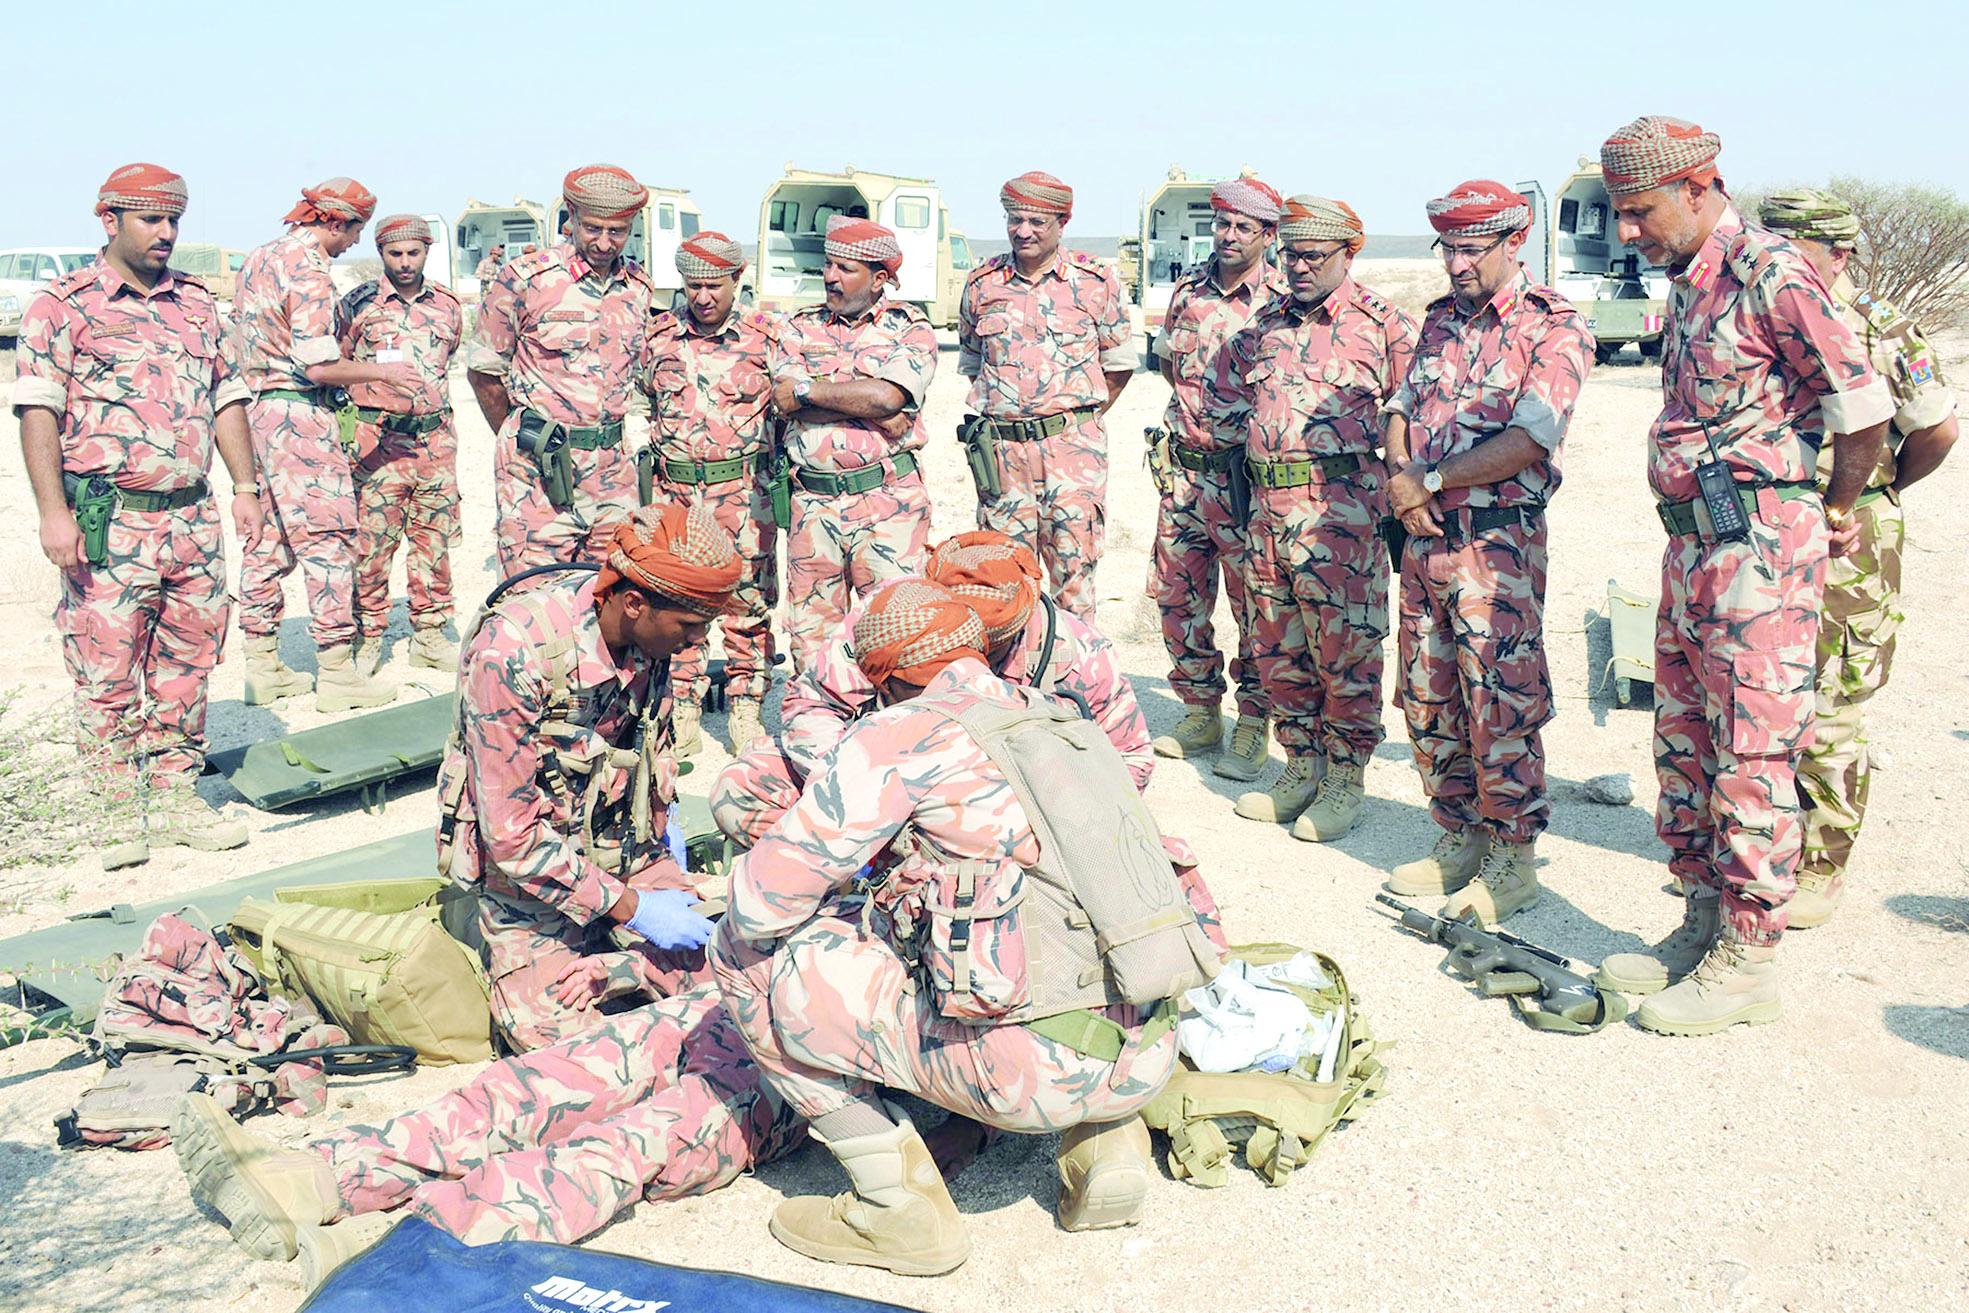 الكتيبة الطبية في تمرين السيف السريع تنفذ إخلاءً افتراضياً